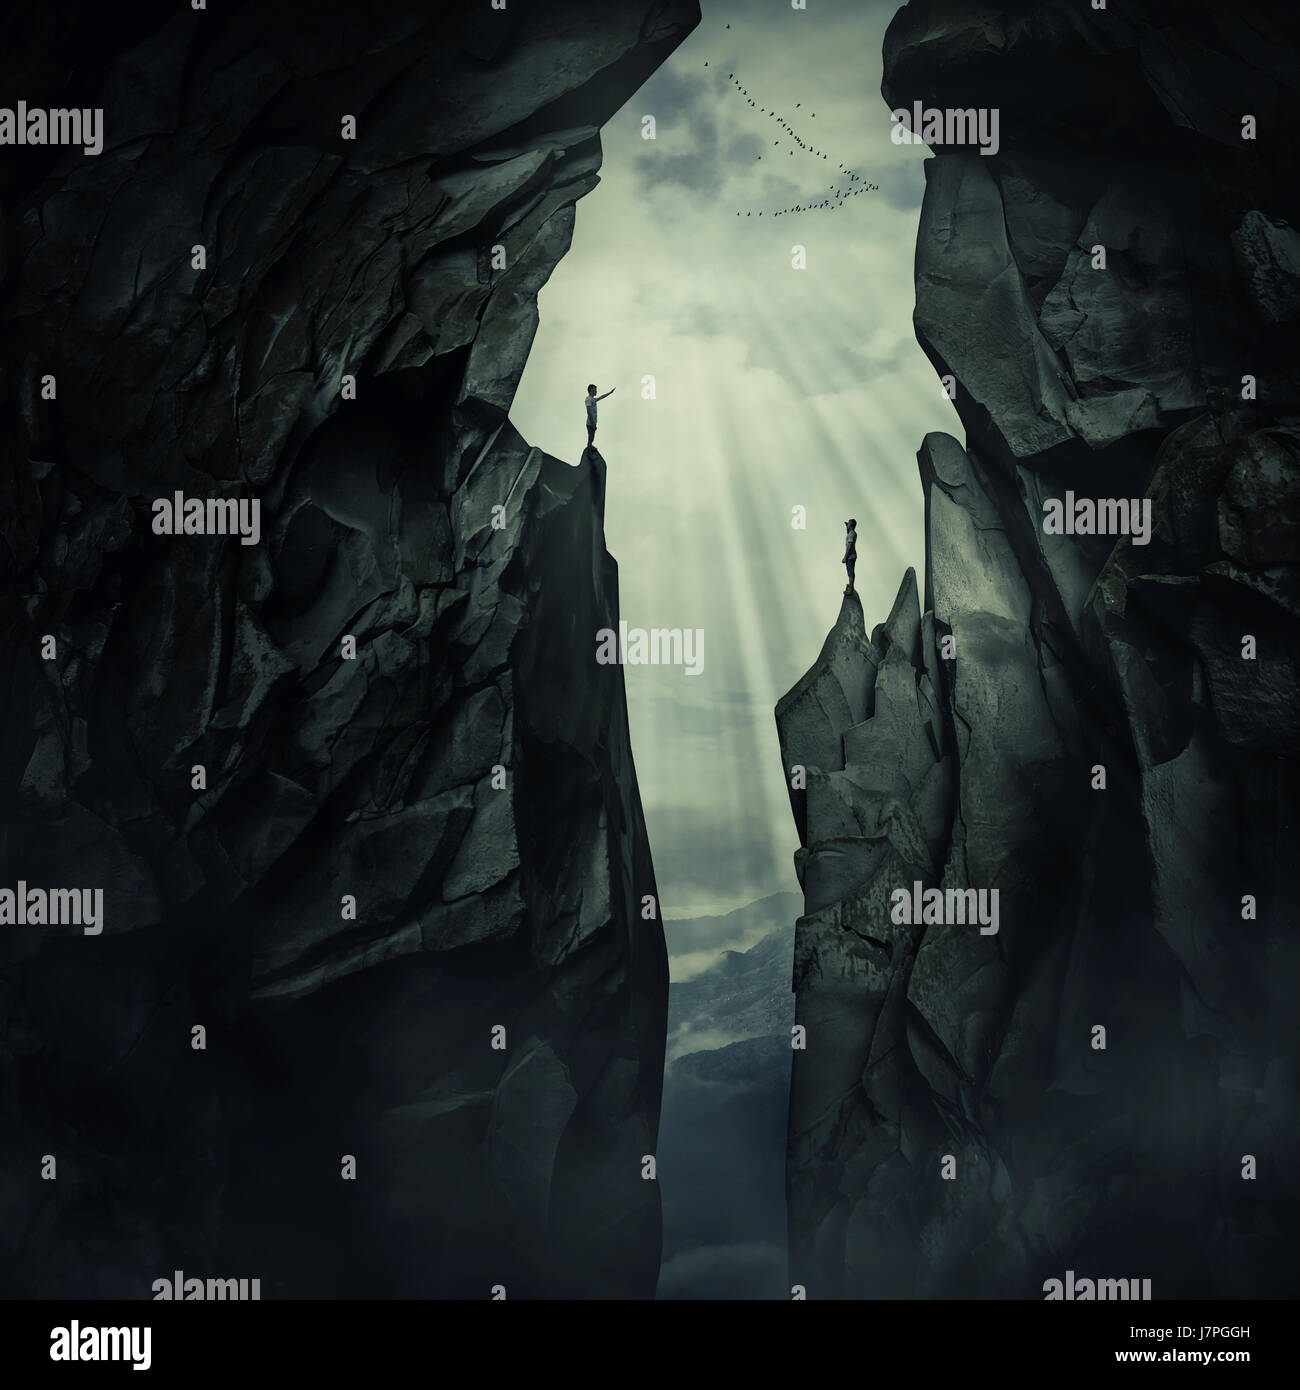 Imagen conceptual con perdido dos personas de pie en el borde de picos de montaje diferentes, tratando de encontrar Imagen De Stock